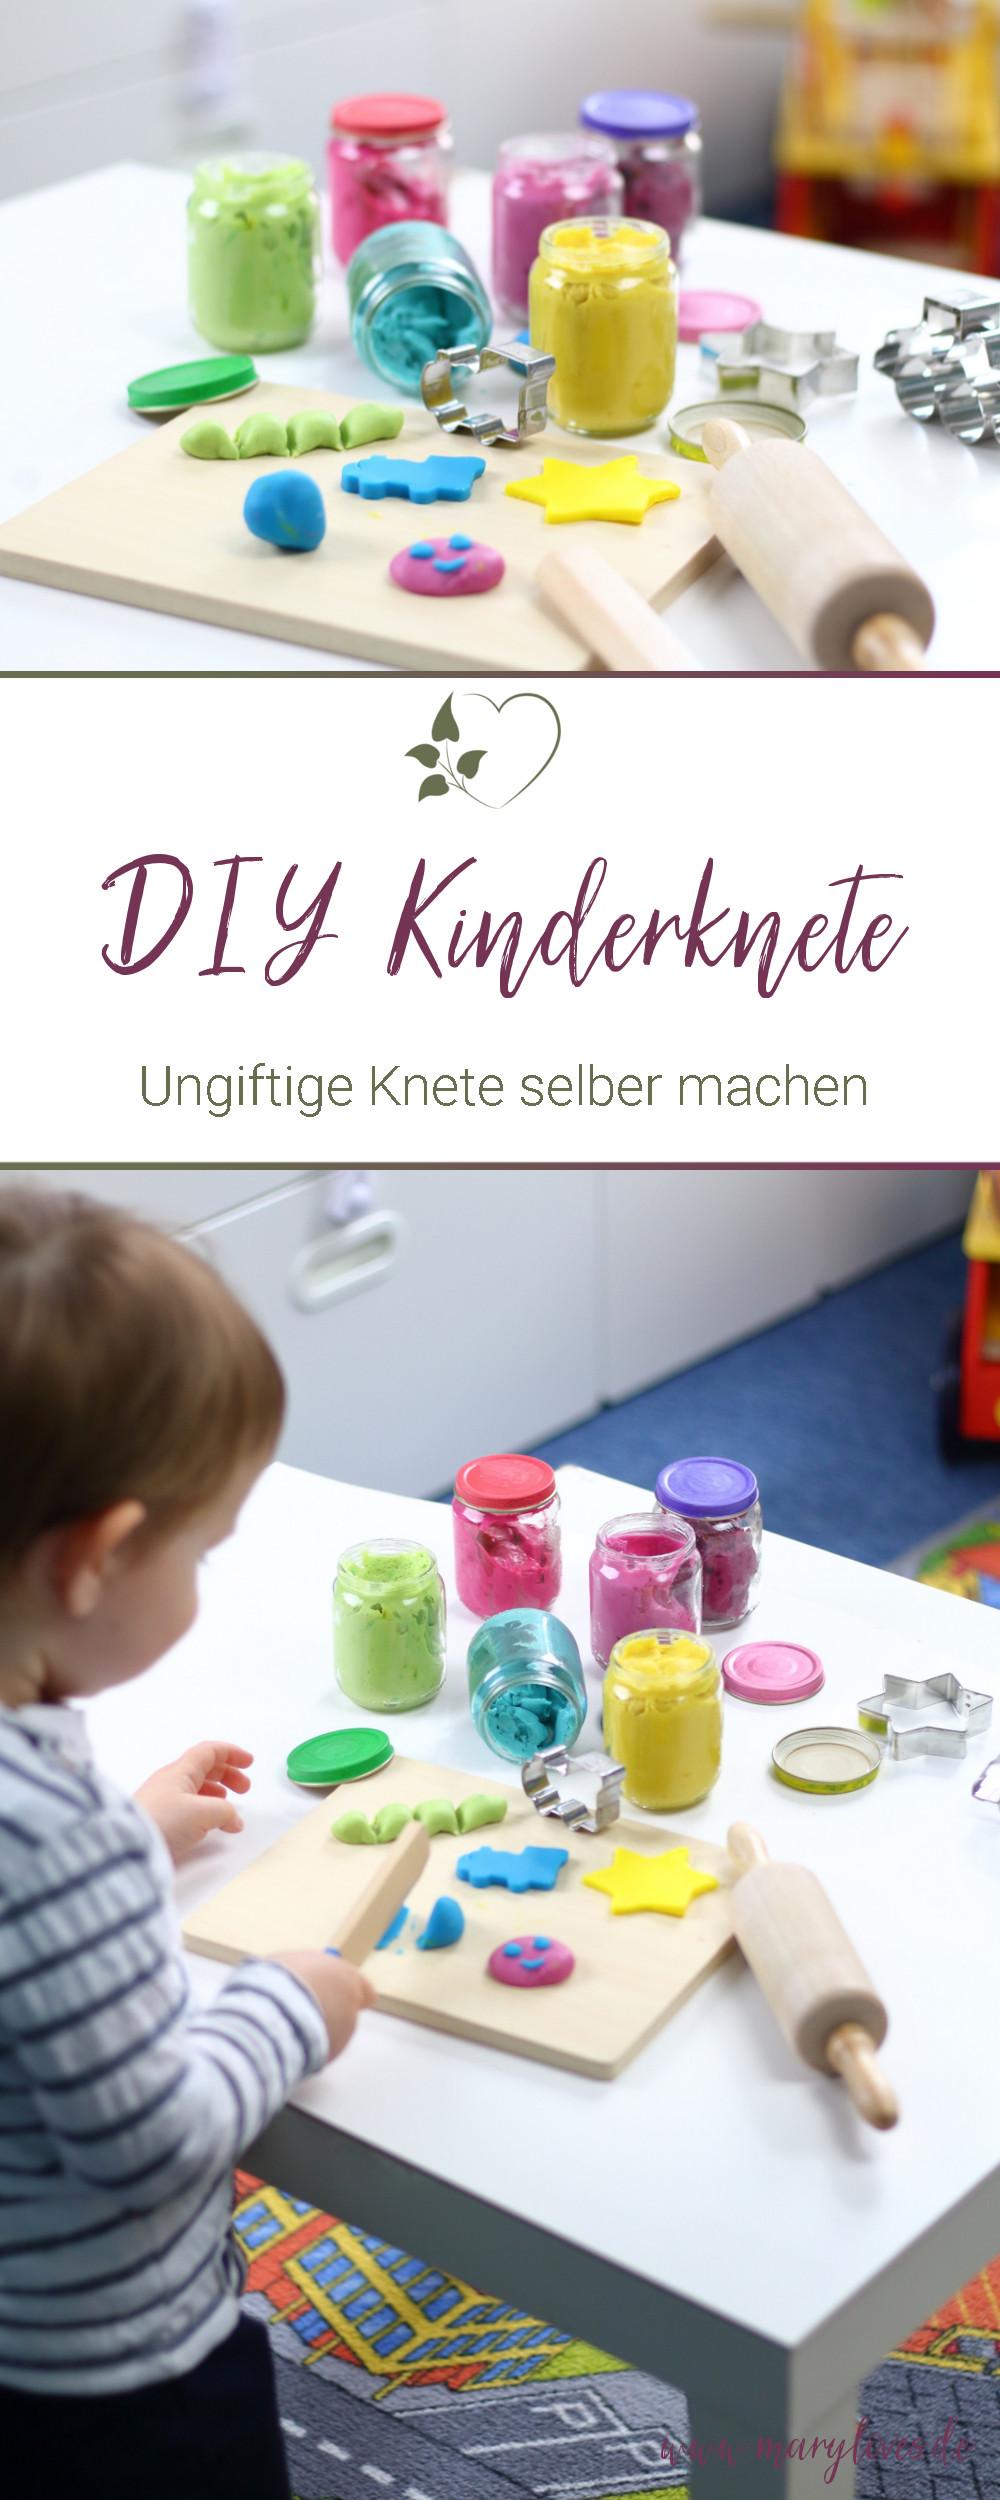 [Anzeige] DIY Kinderknete - Ungiftige Knete selber machen - #diyknete #diykinderknete #kneteselbermachen #ungiftigeknete #knete #spielidee #kleinkindbeschäftigung